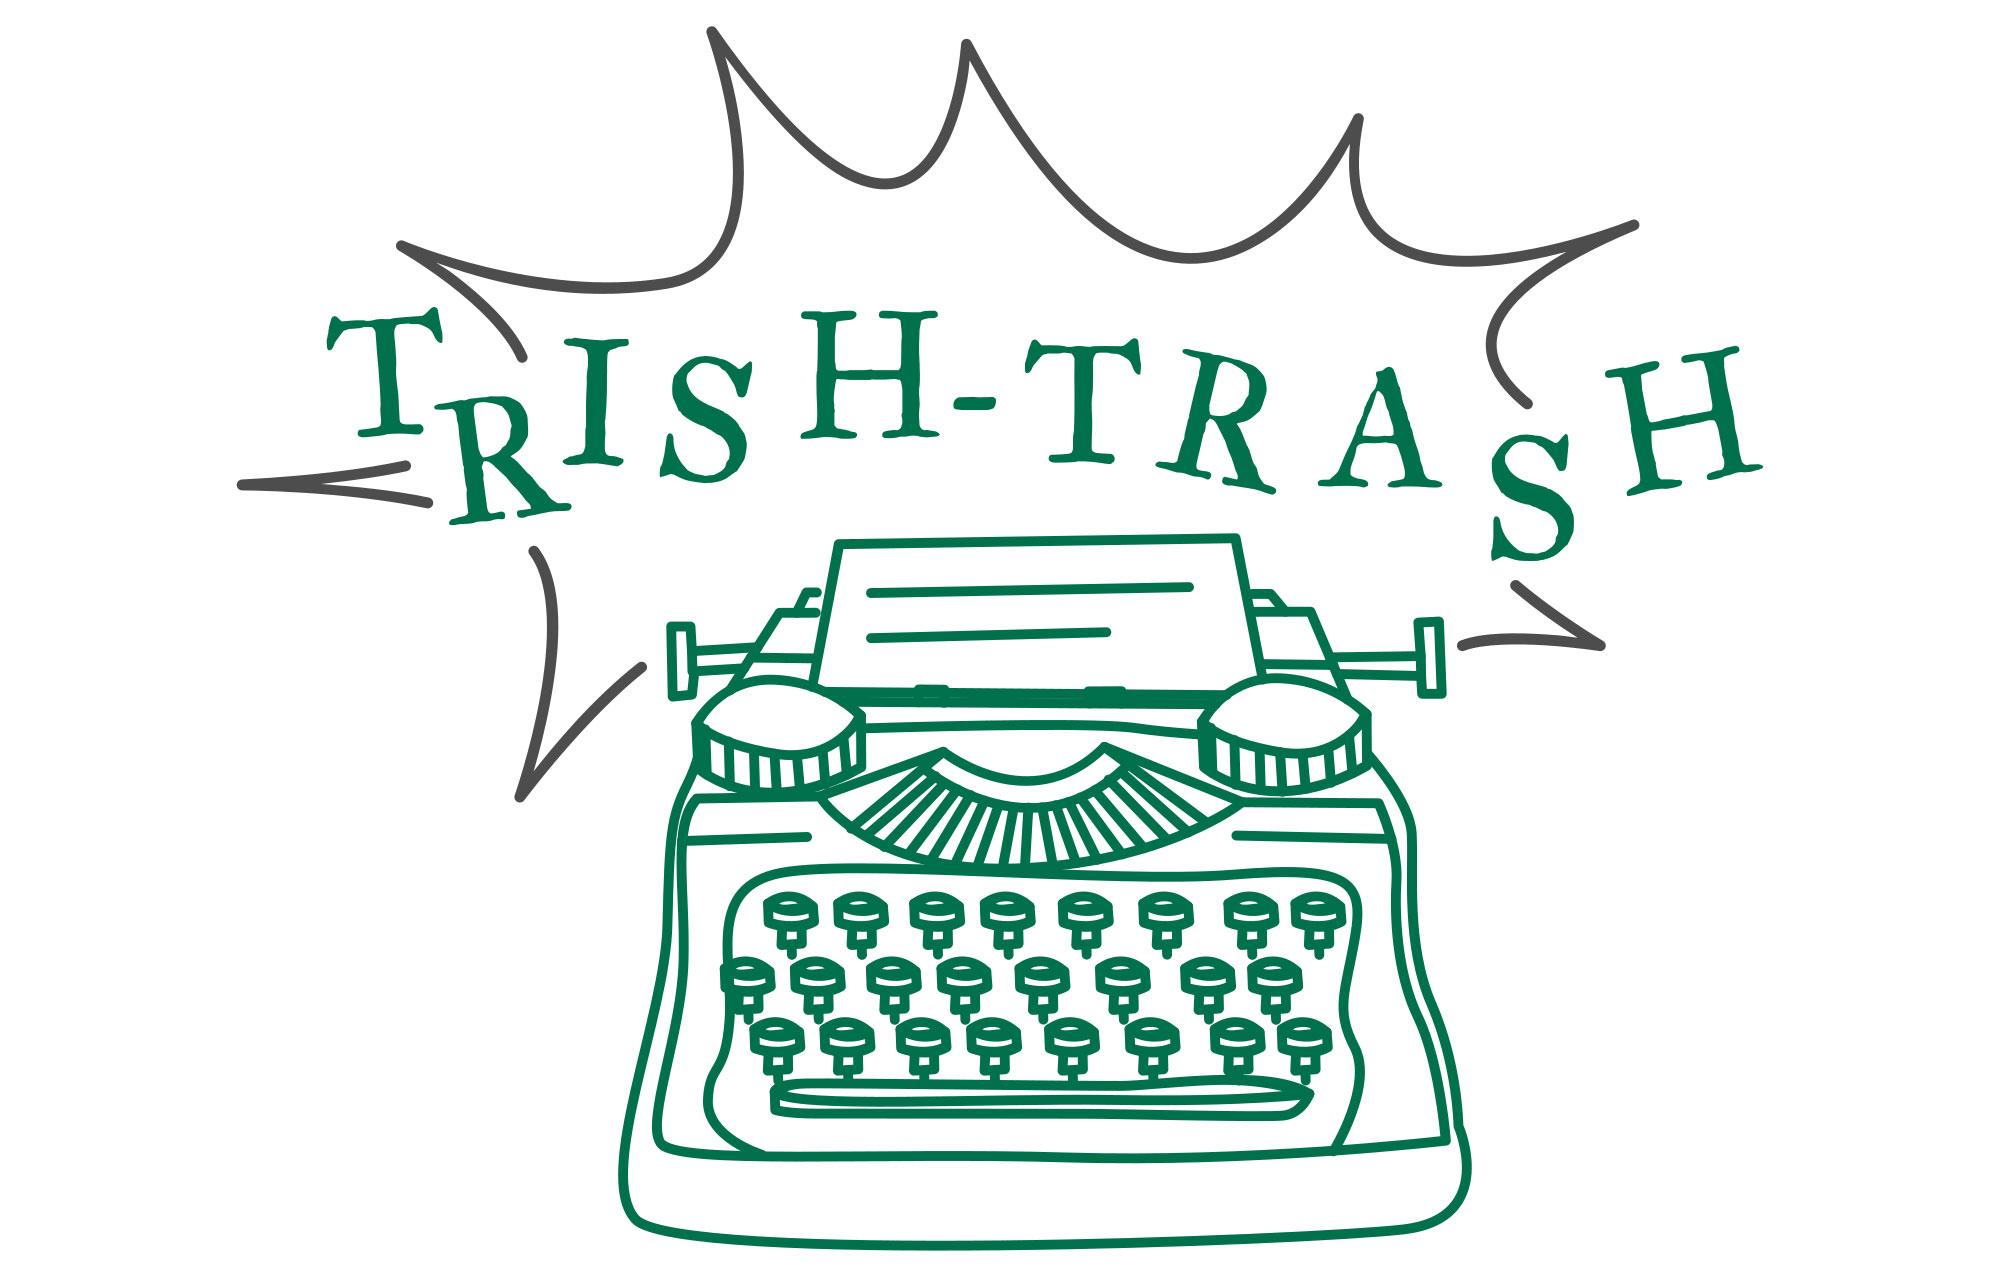 Trish-Trash: